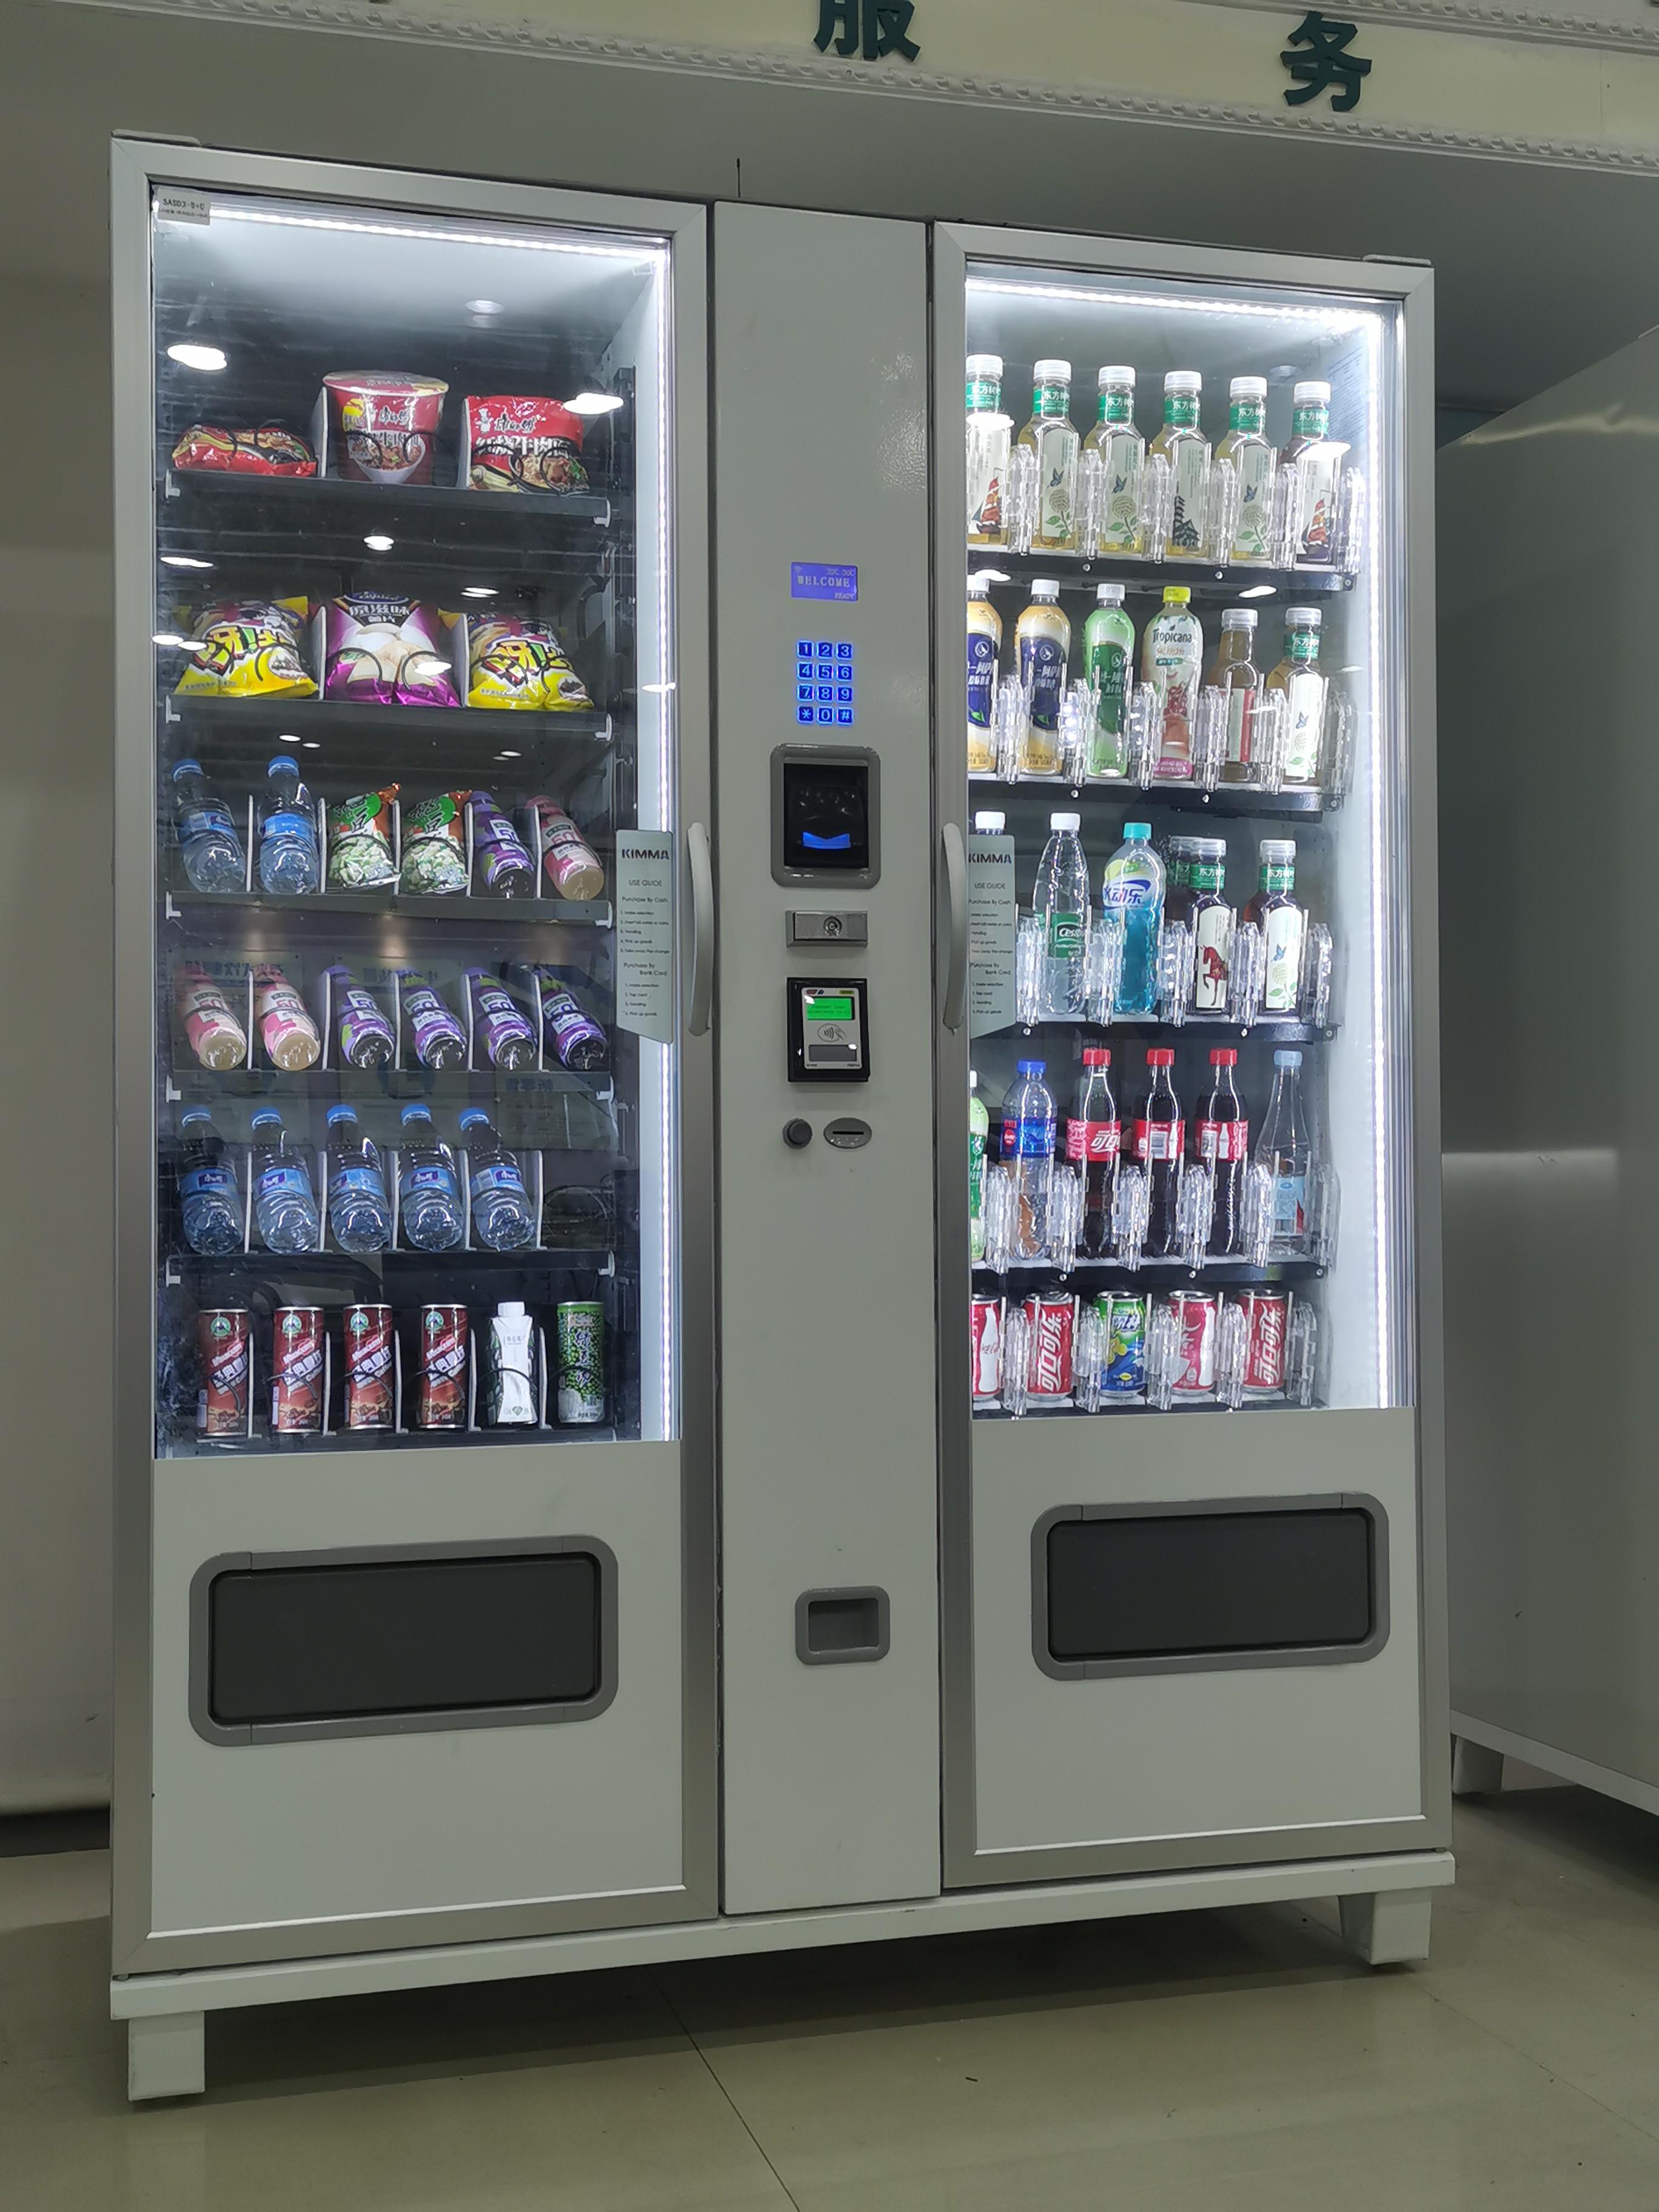 Торговый автомат для напитков большой емкости, Легкая загрузка и доставка товаров